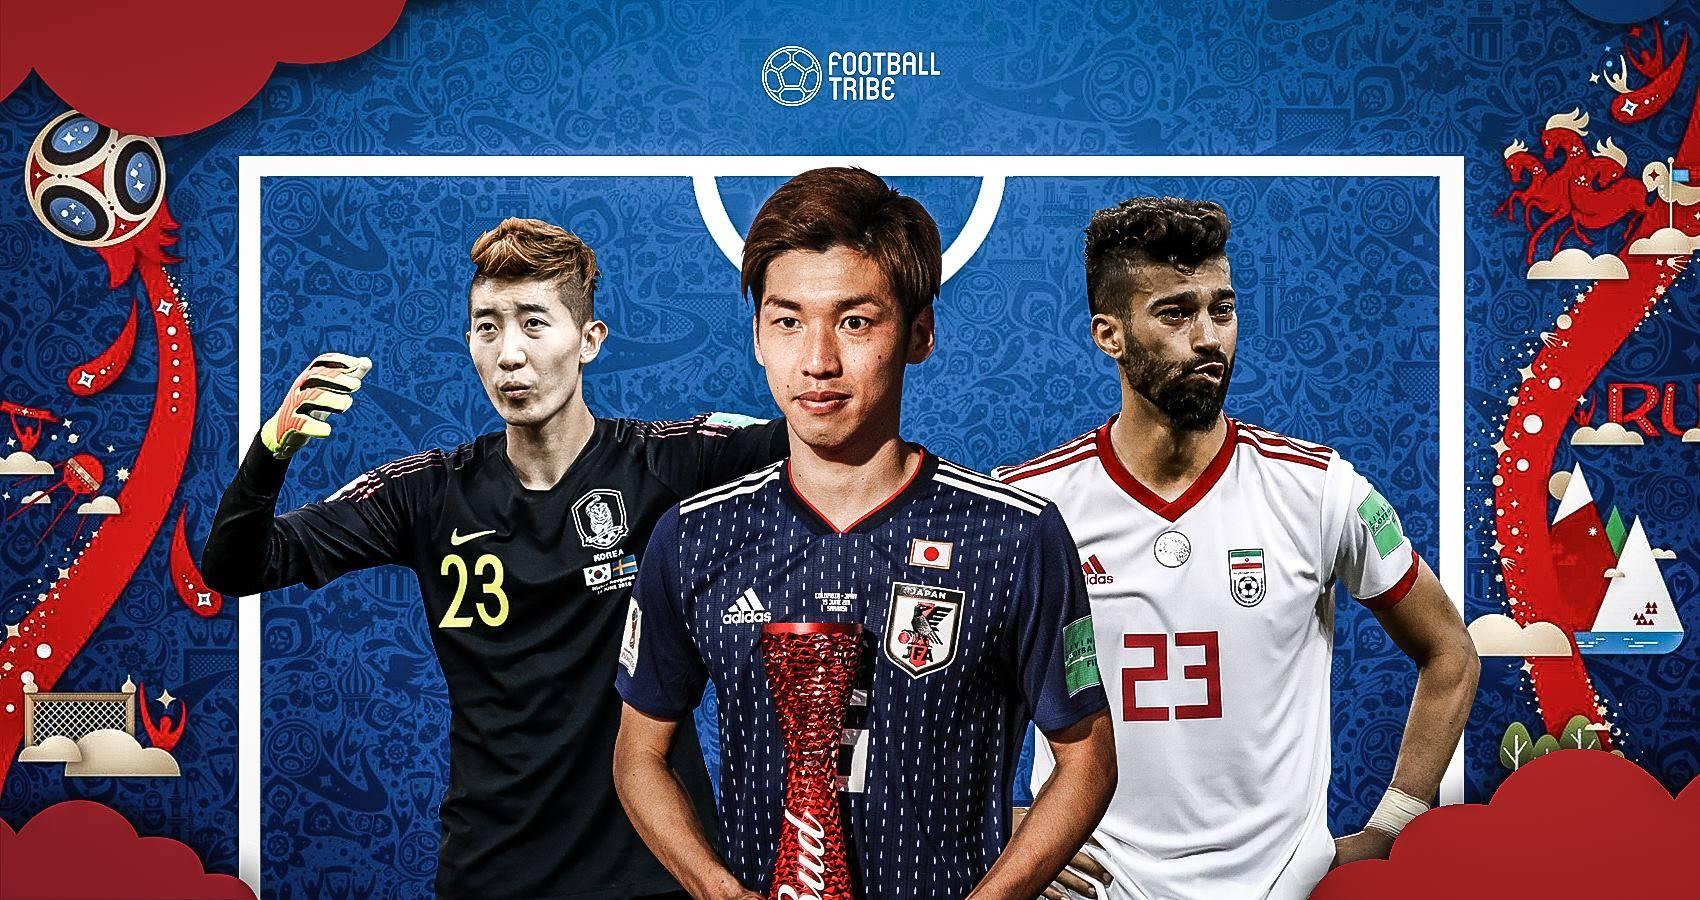 TRIBE XI : ทีมเอเชียยอดเยี่ยมบอลโลก 2018